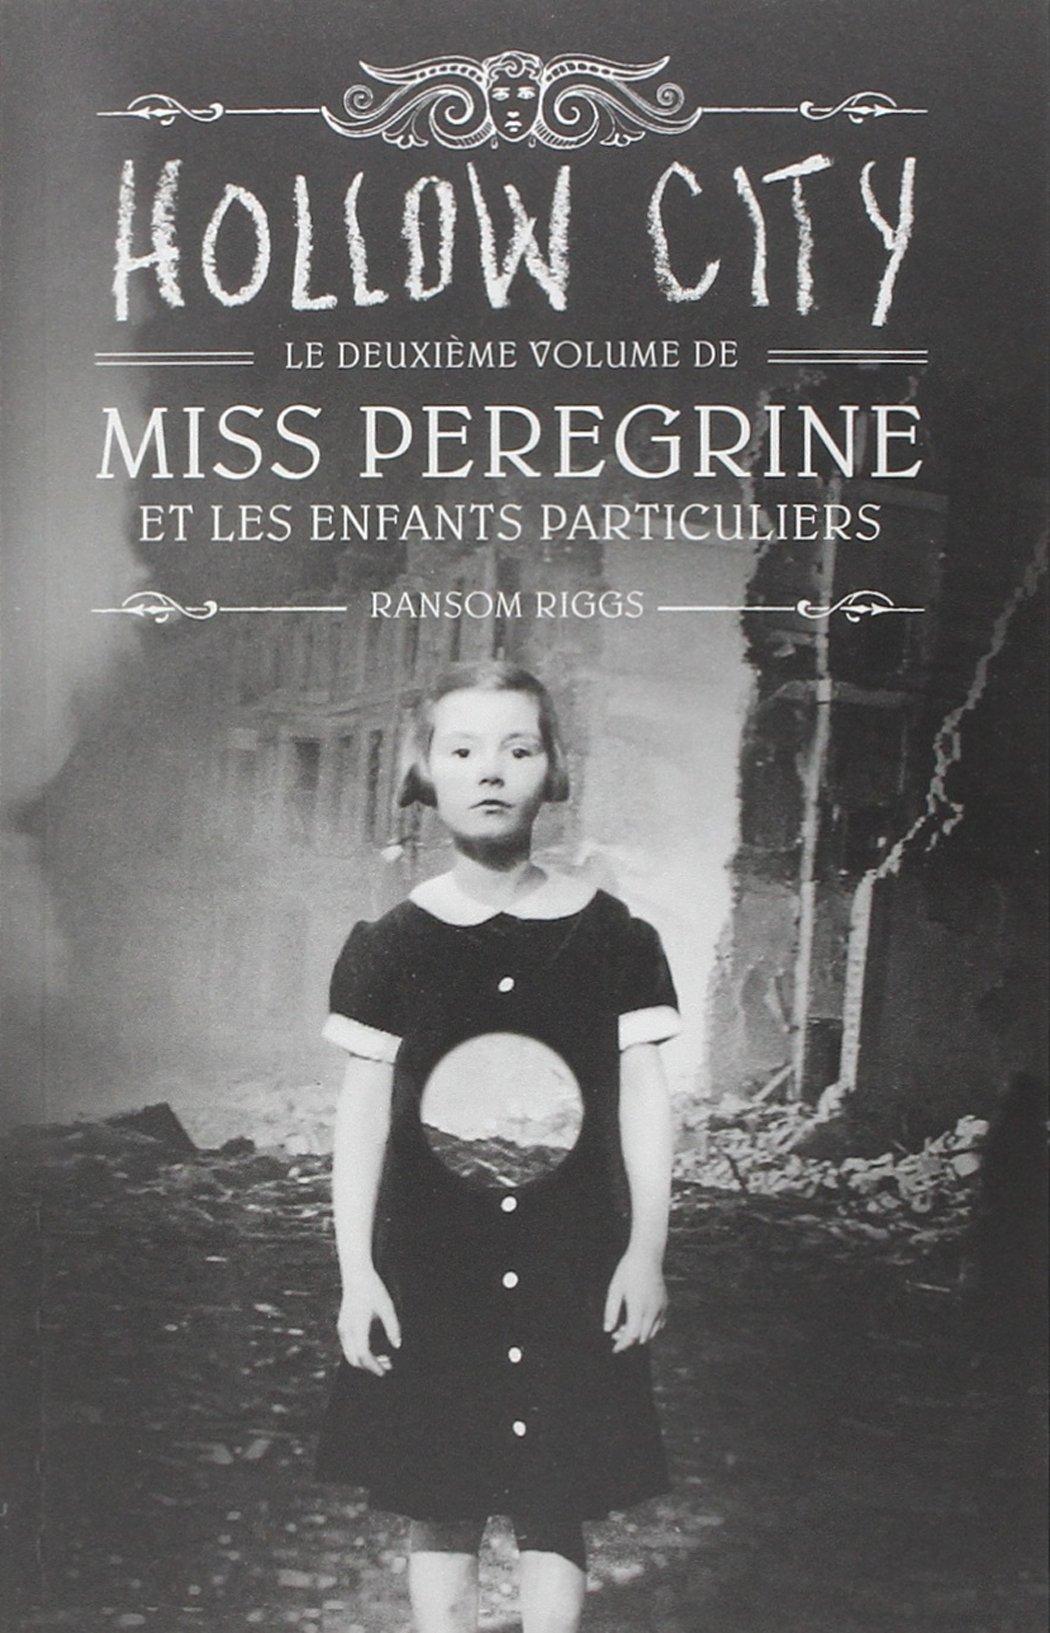 Ransom Riggs - Miss Peregrine et les enfants particuliers Tome 1 et 2